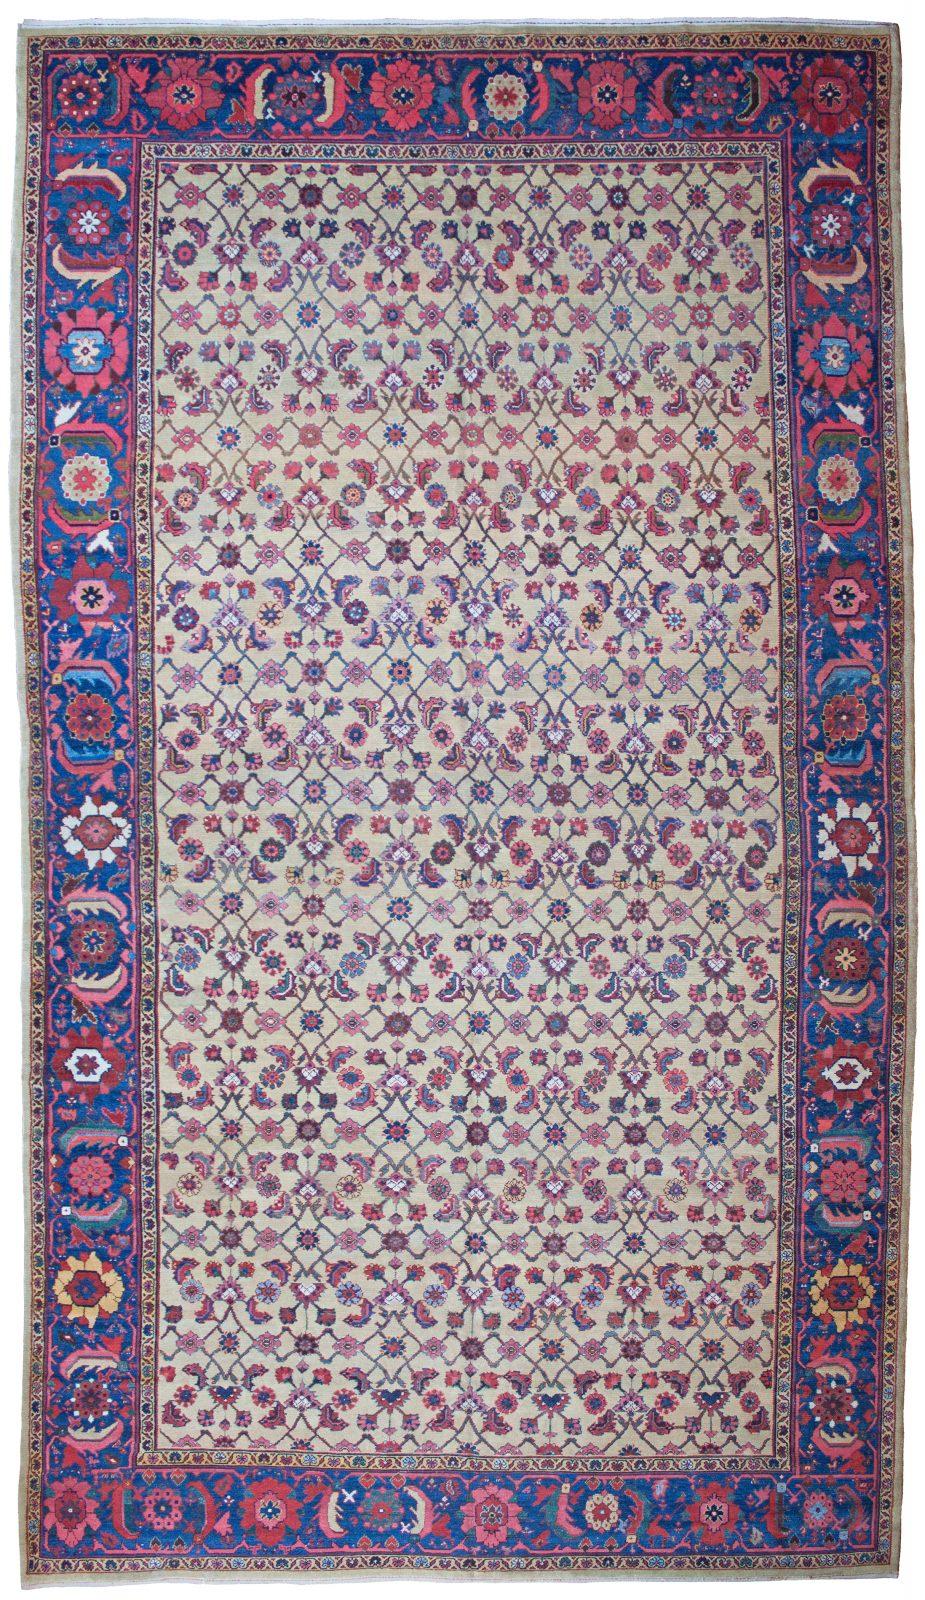 Antique Hamadan Carpet Persian Farnham Carpets